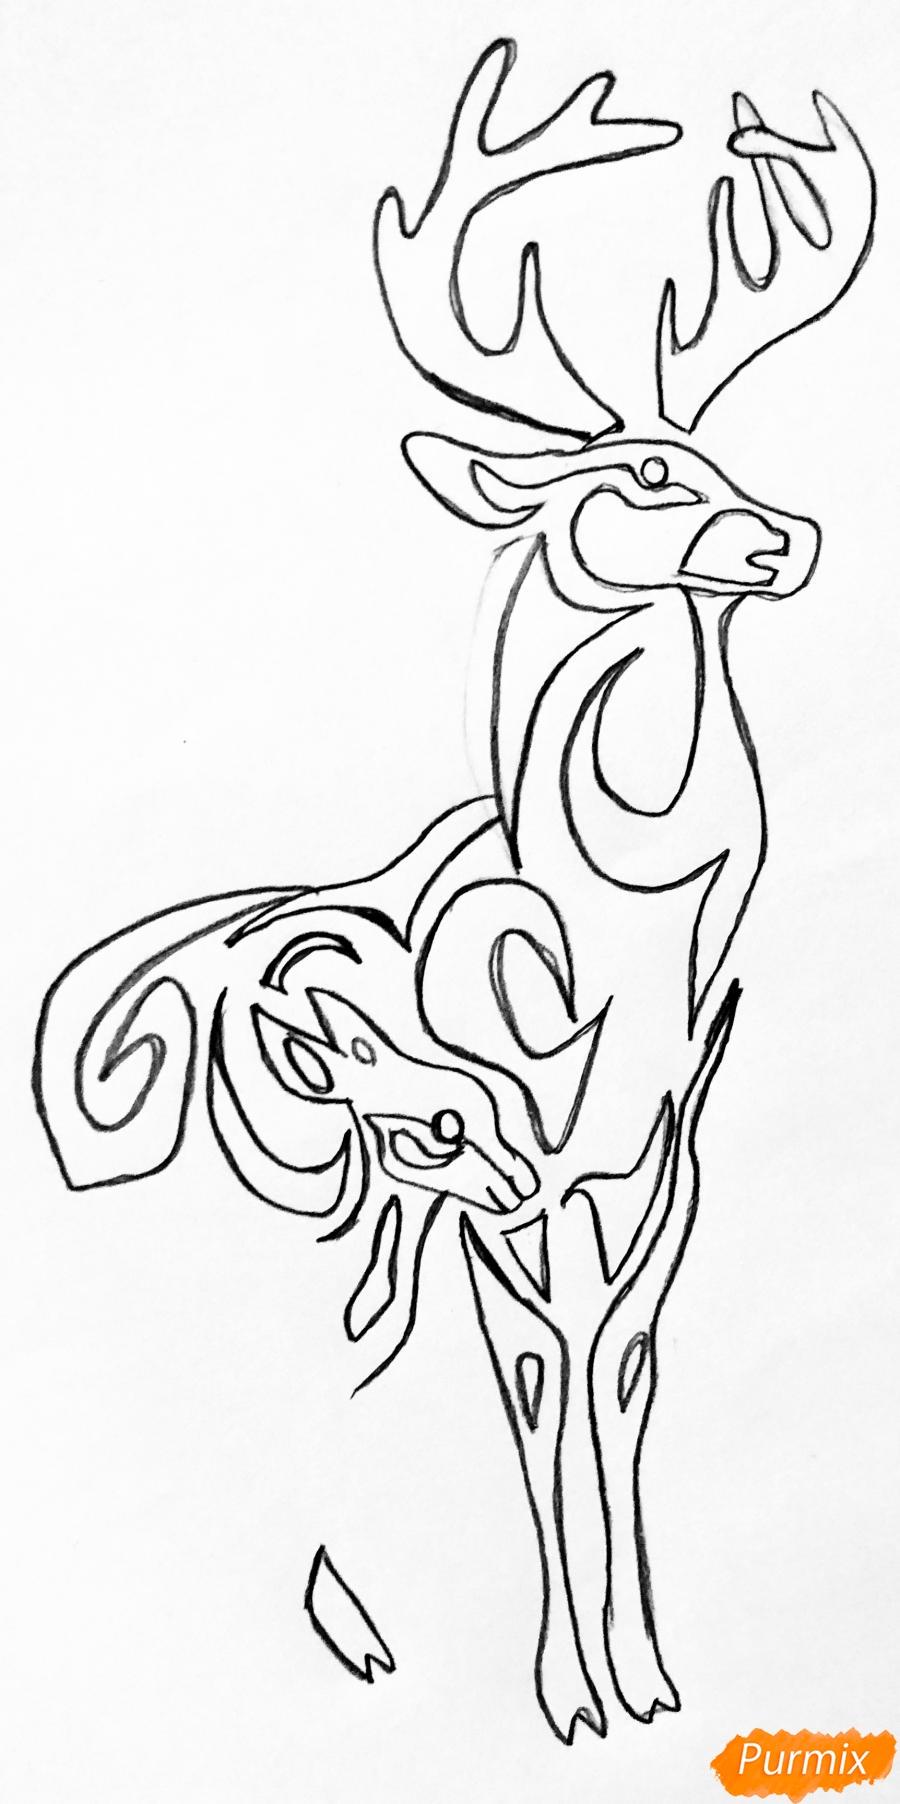 Рисуем оленя и оленёнка в стиле тату - шаг 4